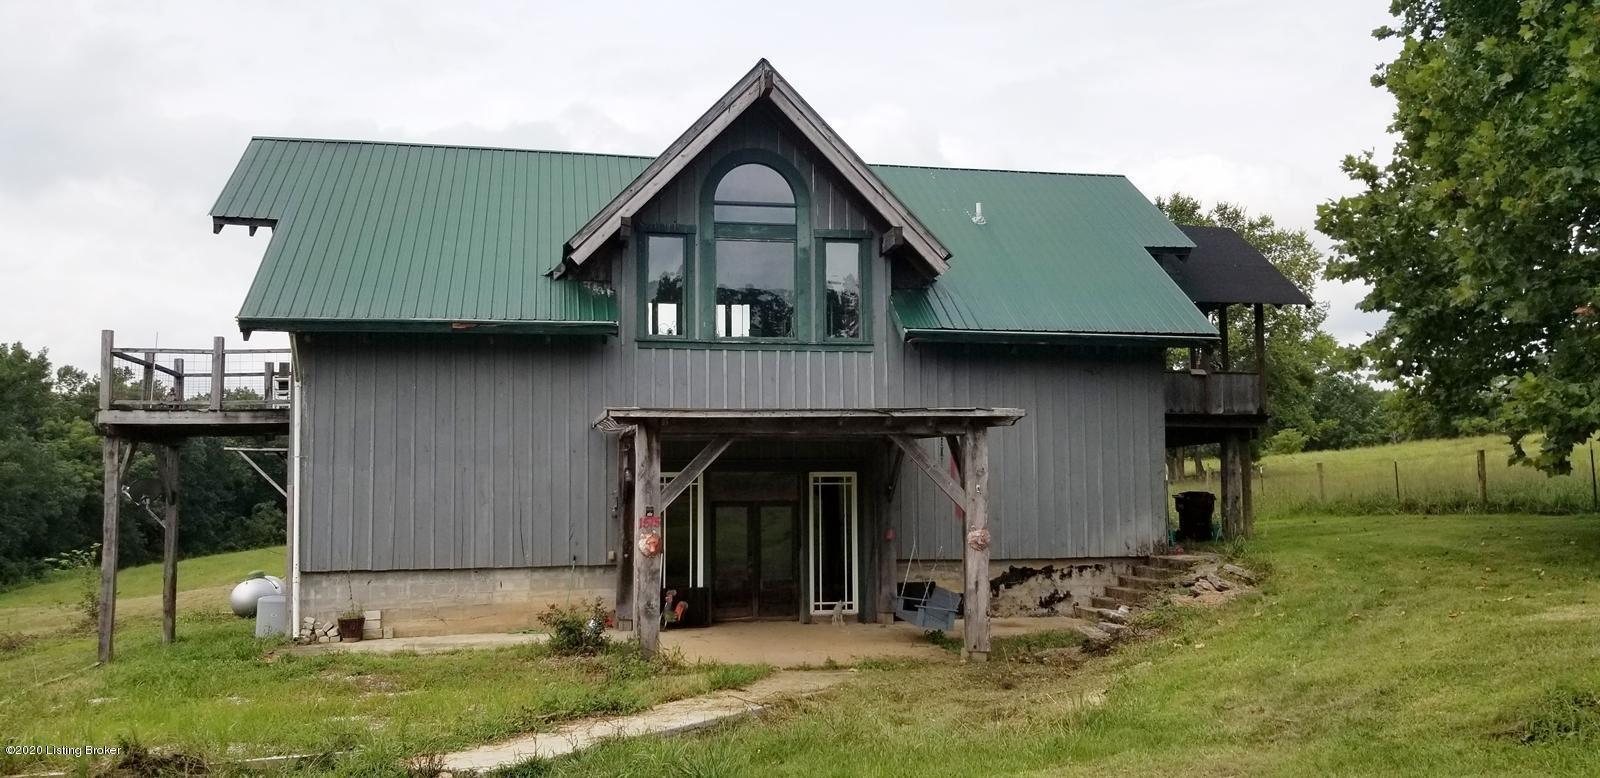 Photo of 1575 Ochs Ln, Bloomfield, KY 40008 (MLS # 1567491)